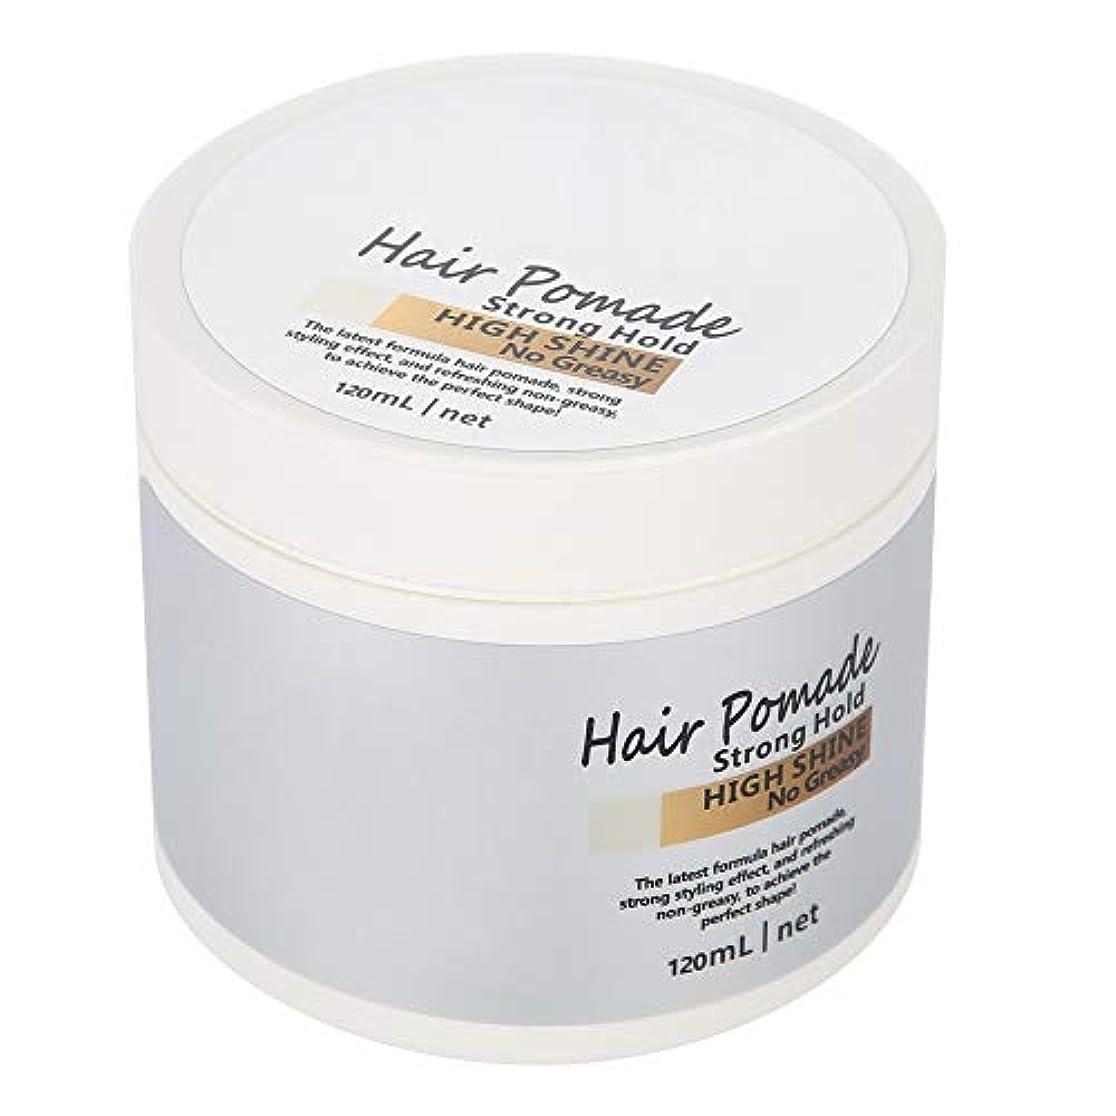 のために音節コンパイルヘアワックス、ファッション男性の光沢のあるヘアスタイリングクレイハイストロングホールドモデリングヘアポマードワックスレトロヘアスタイル120ミリリットルを作成する